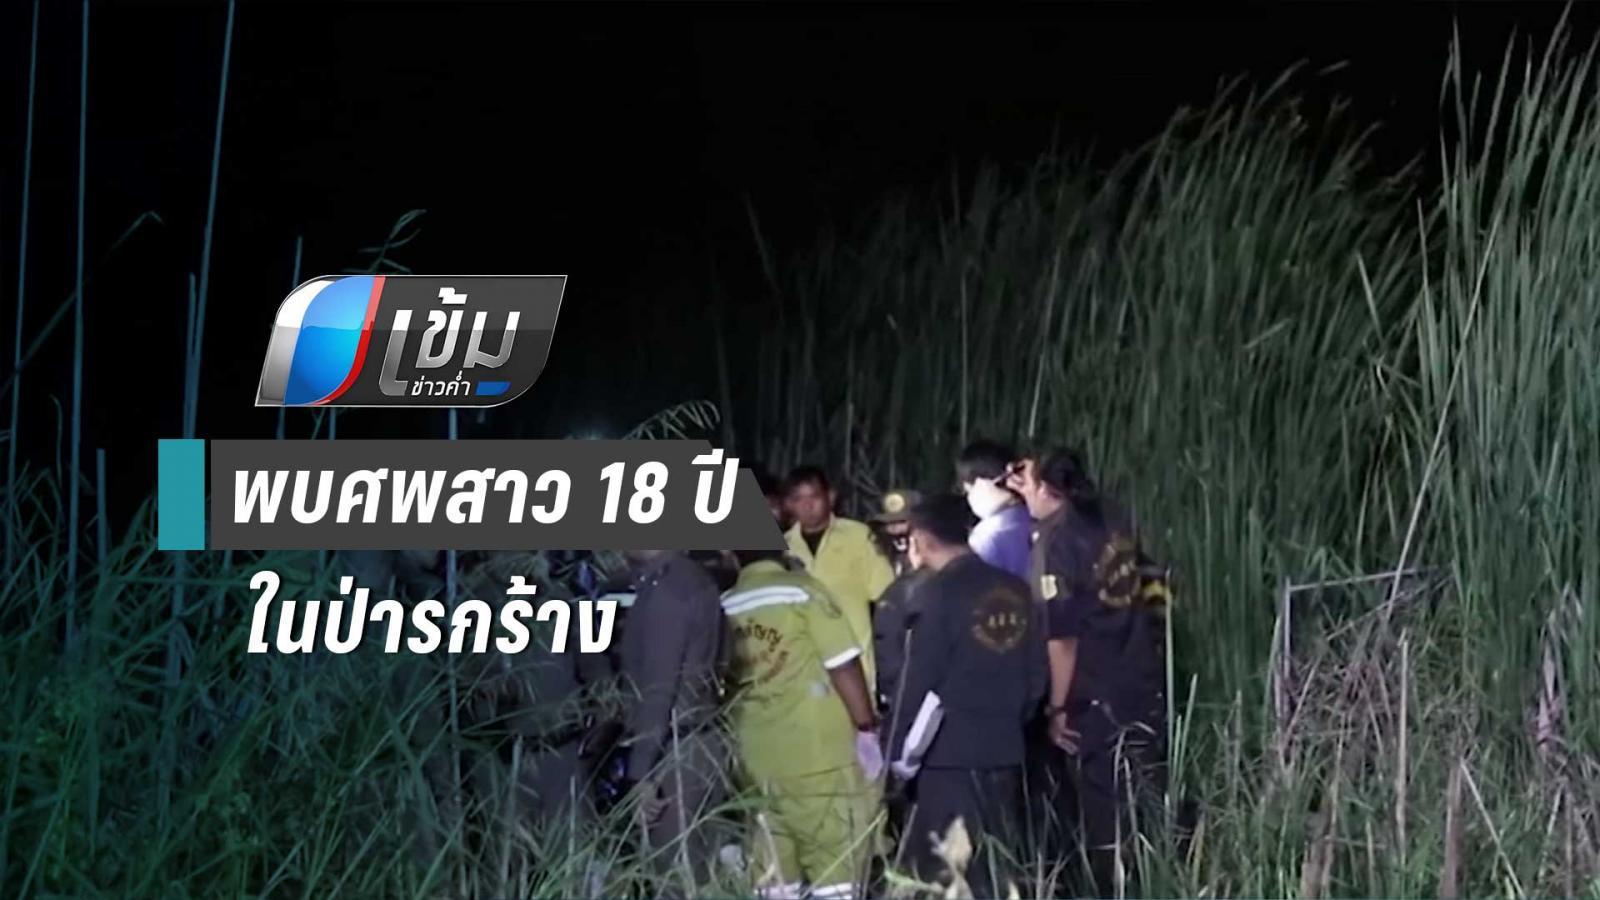 คืบหน้า ฆ่าสาว 18 ปี ทิ้งศพในป่า ย่านมีนบุรี